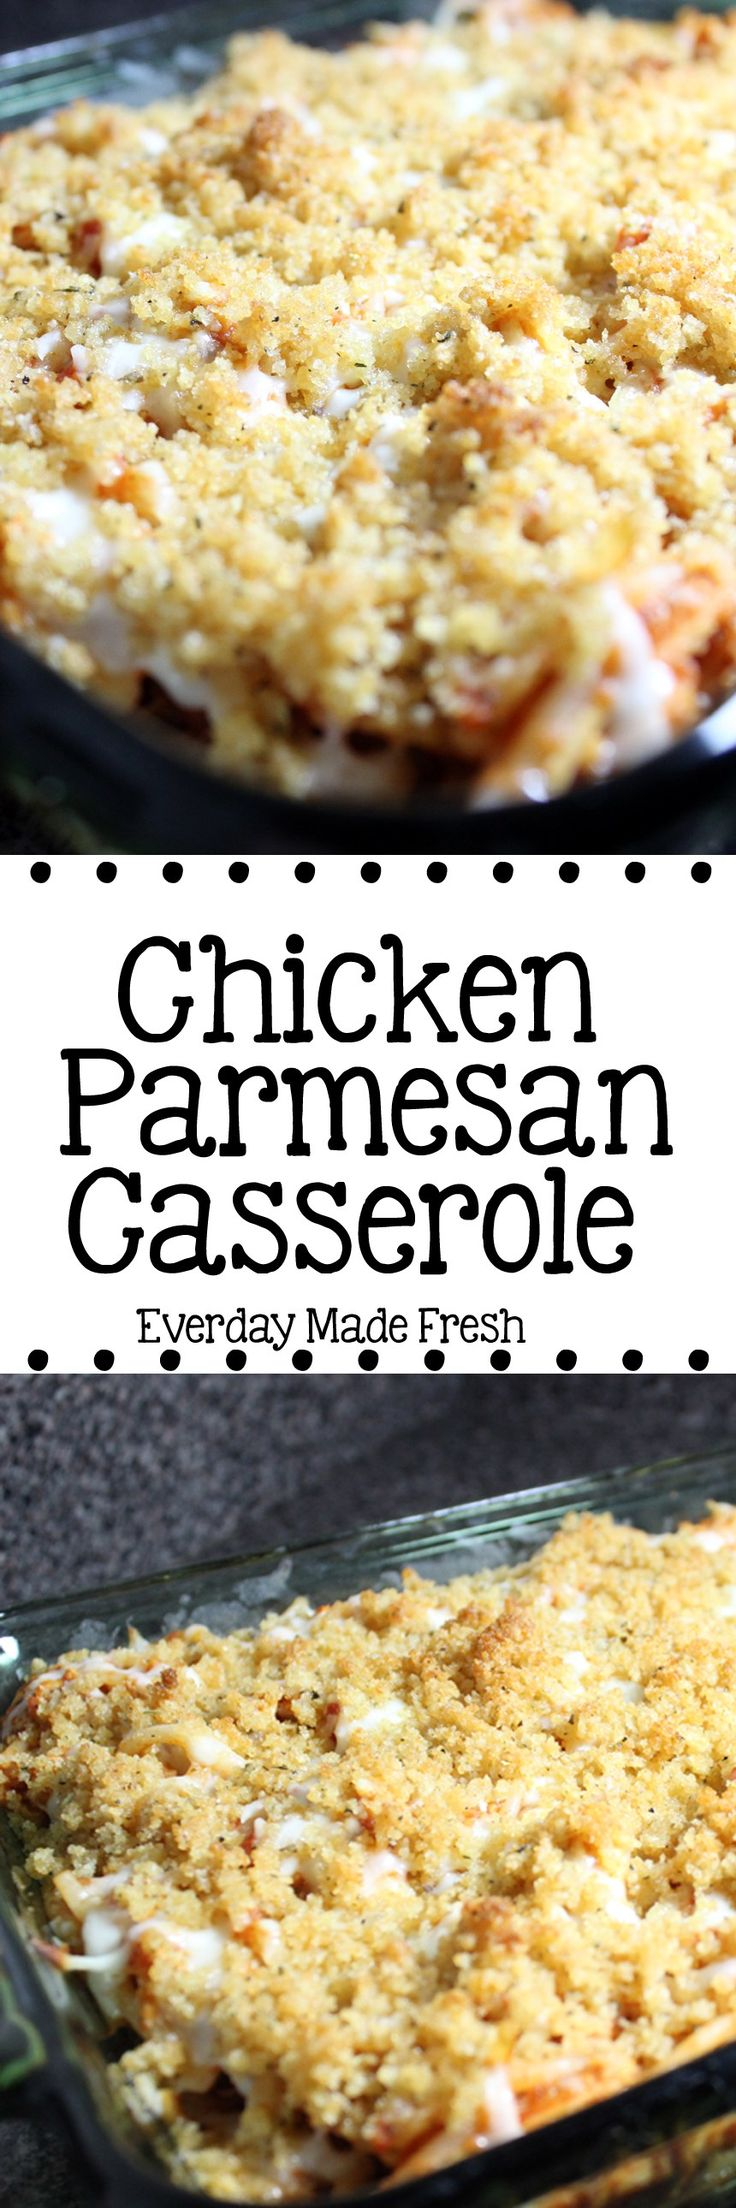 Weight watcher chicken parmesan casserole recipe